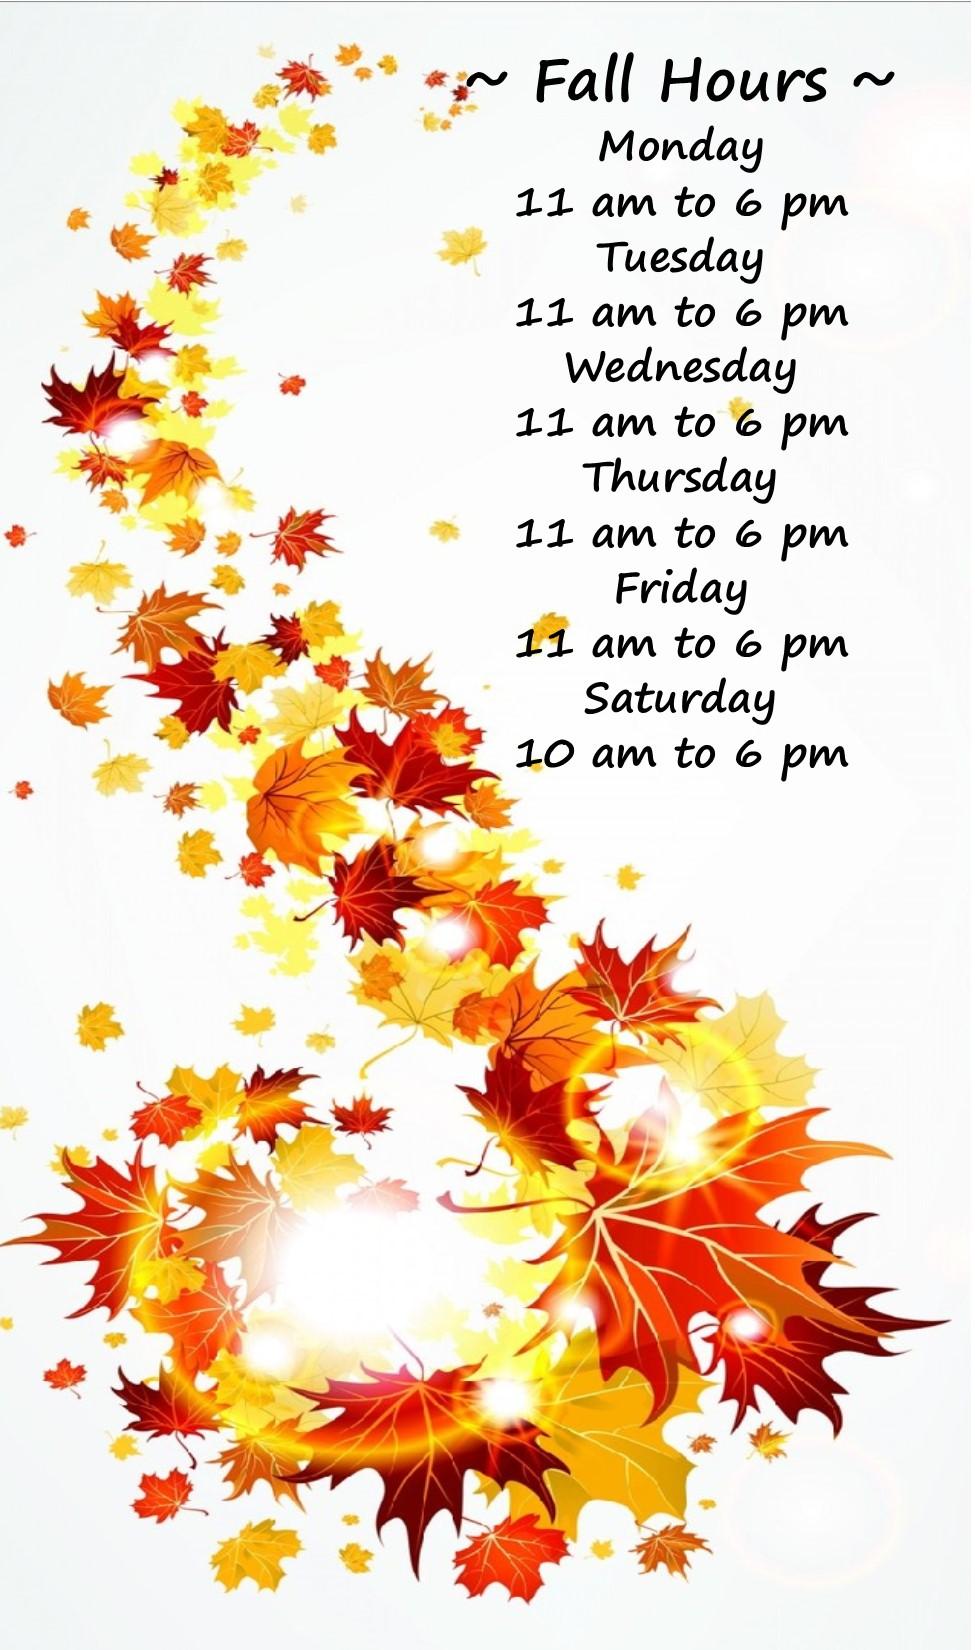 Fall hours.jpg